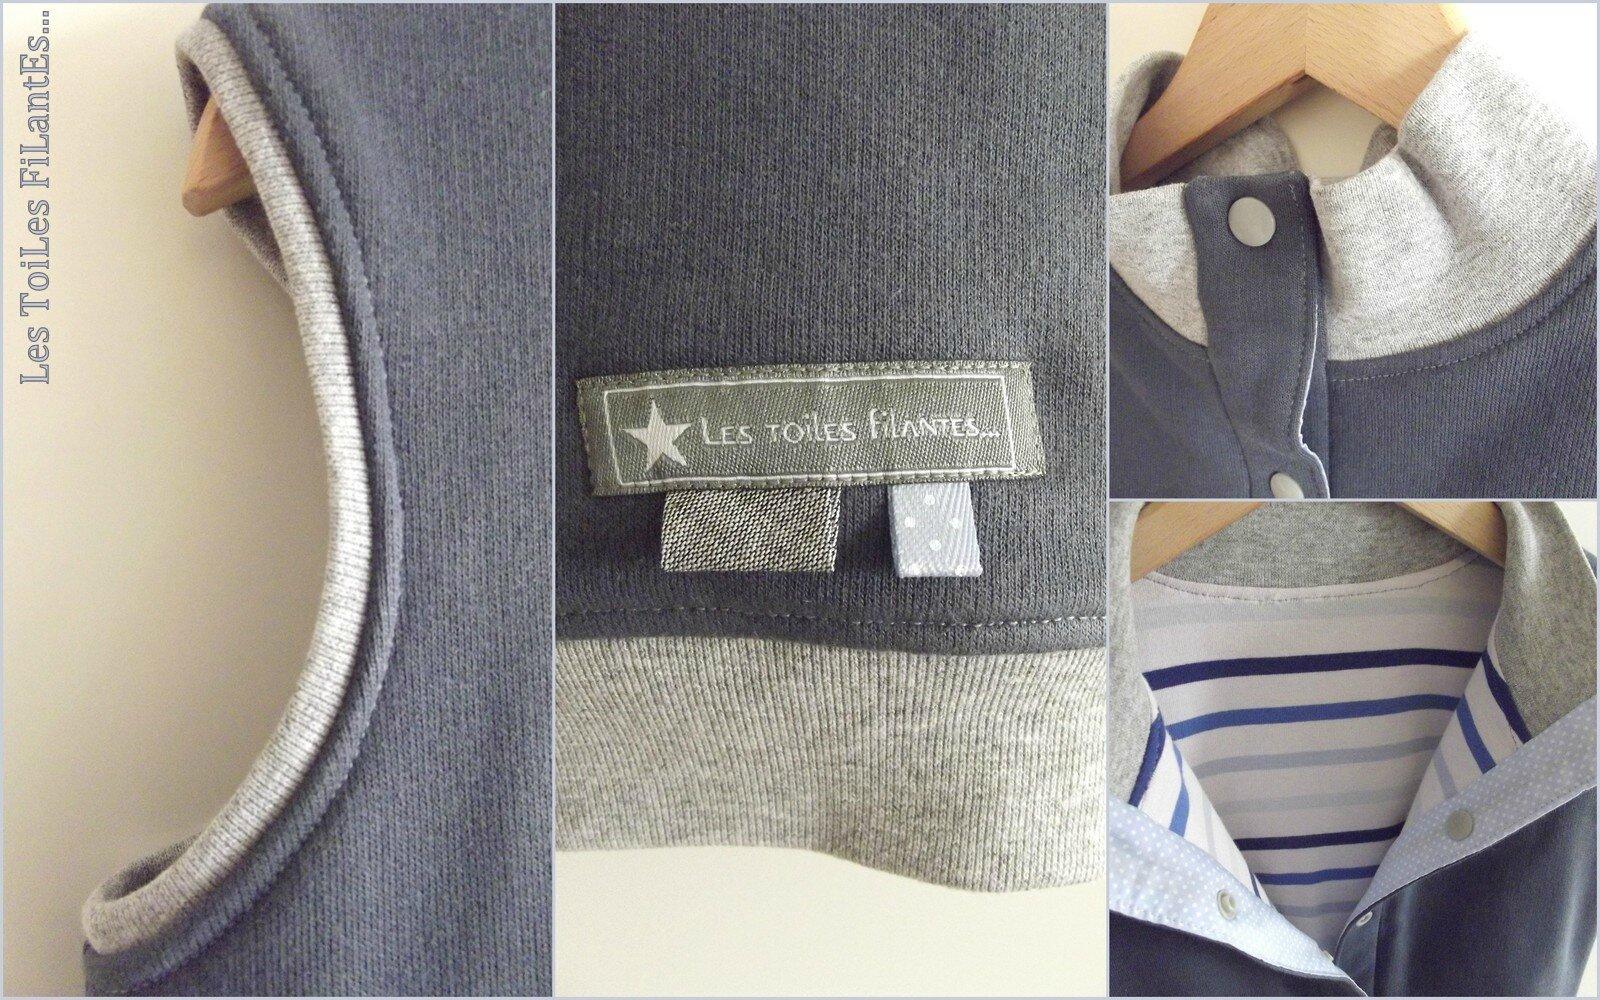 22-Ensemble jean sweat et tee-shirt bleu gris Aur�le21